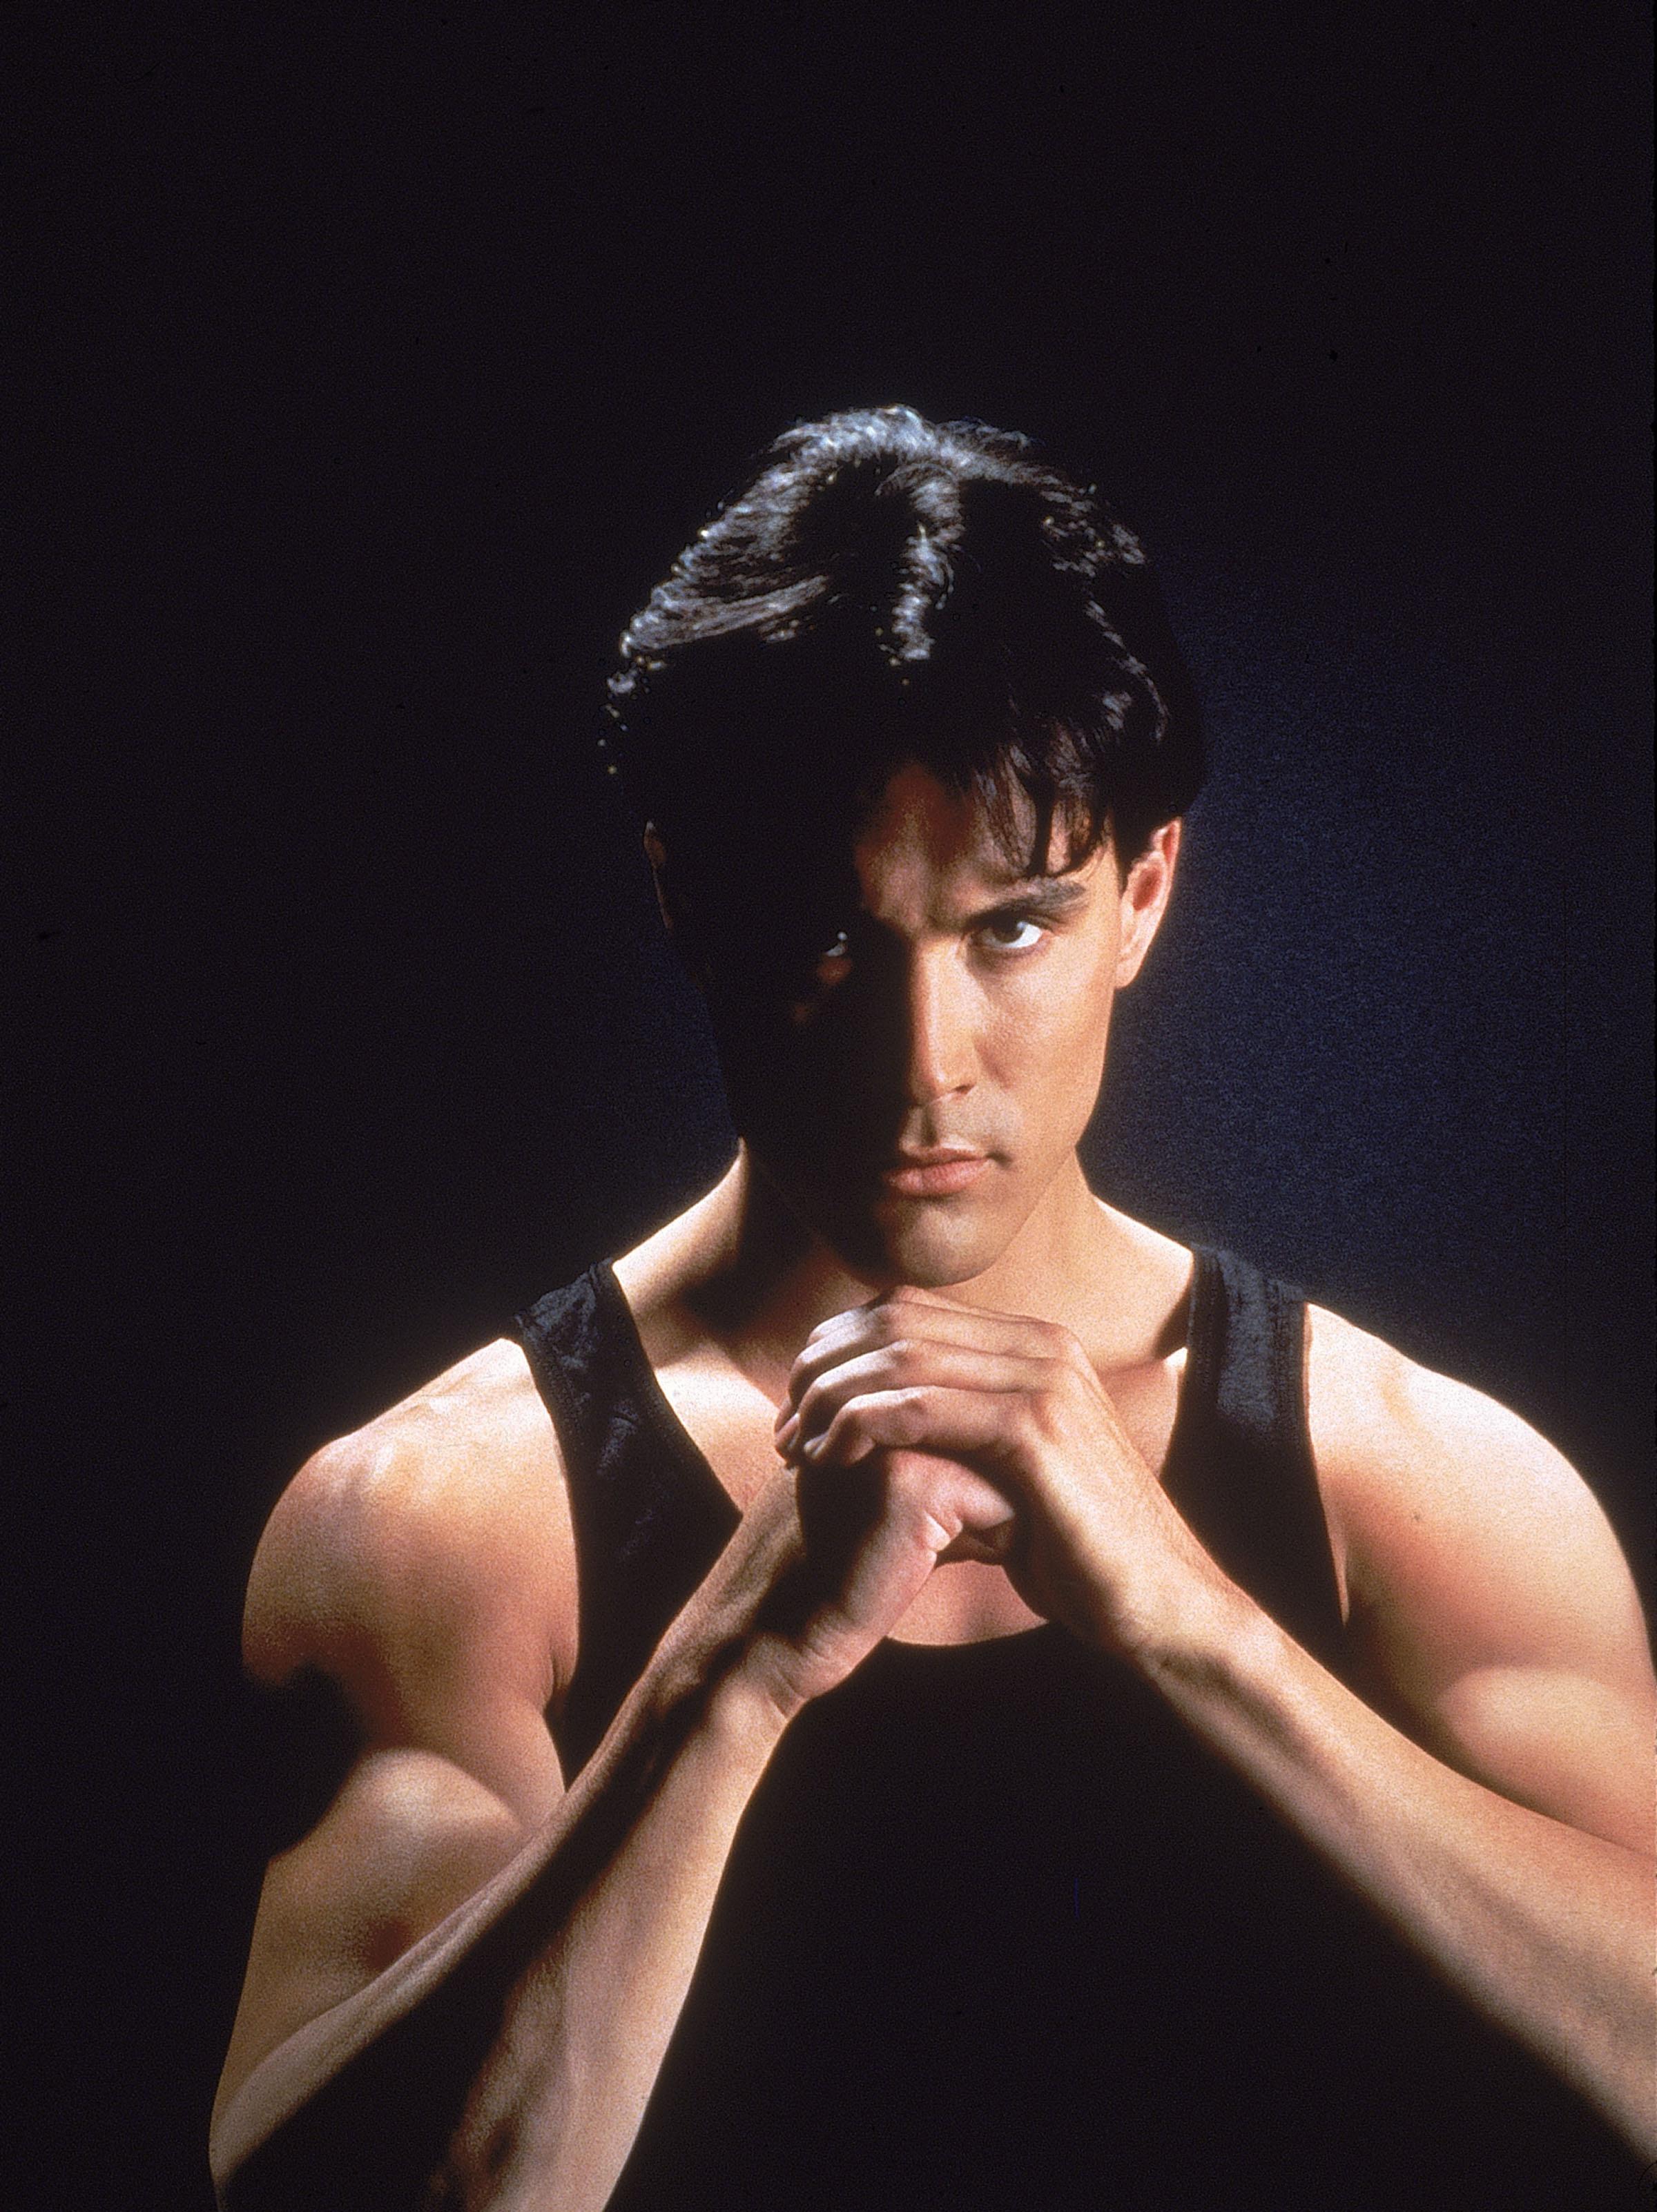 Брюс Ли, все лучшие фильмы с Брюсом Ли, фильмография.